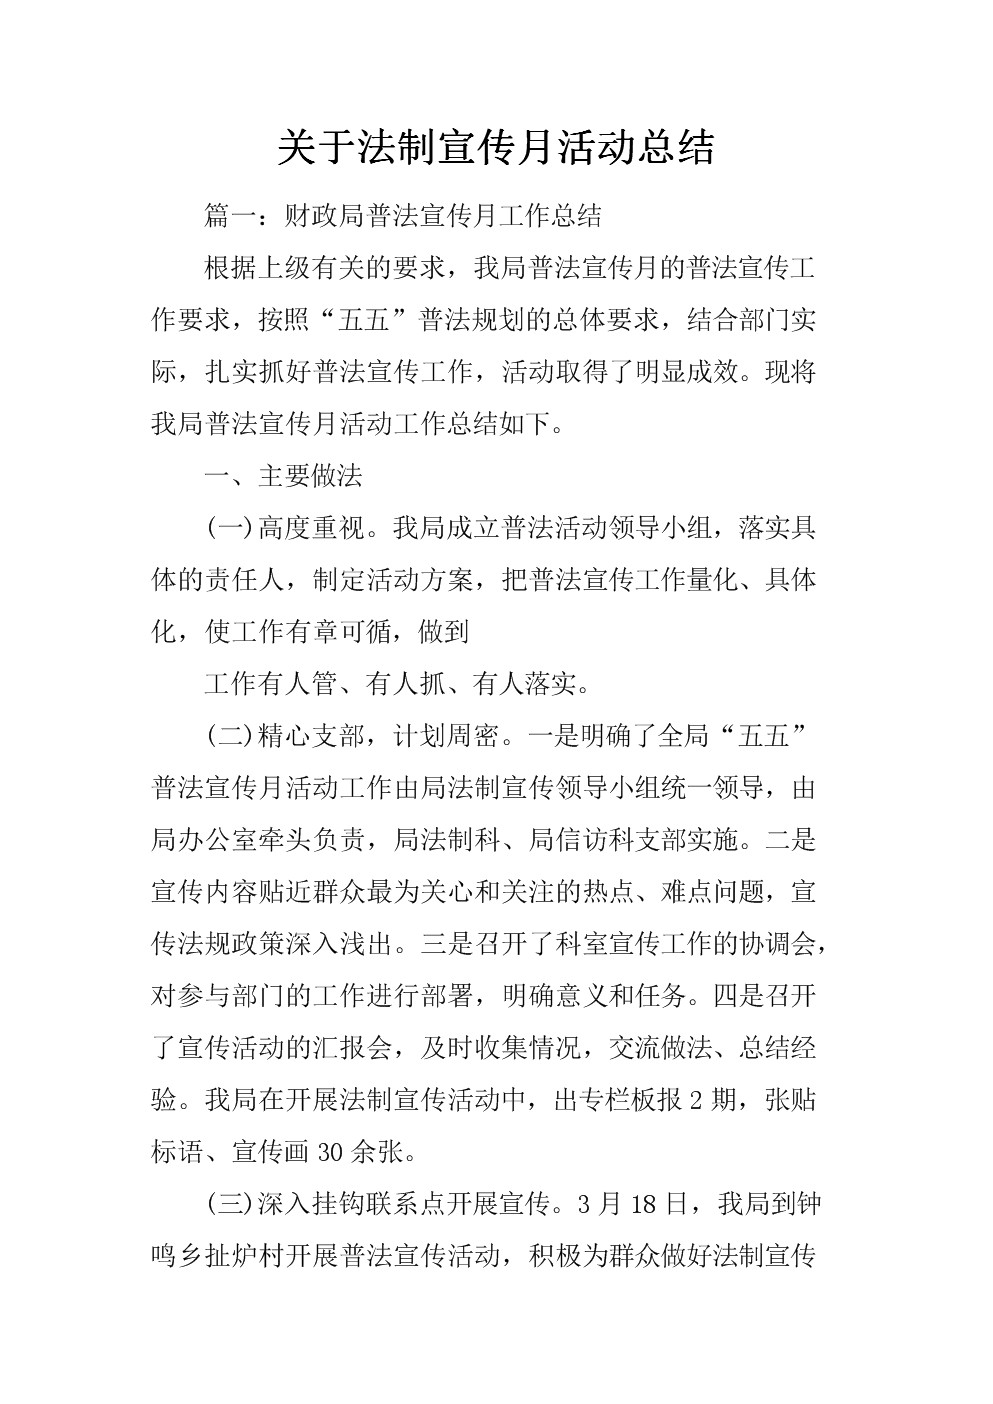 关于法制宣传月活动的总结.docx